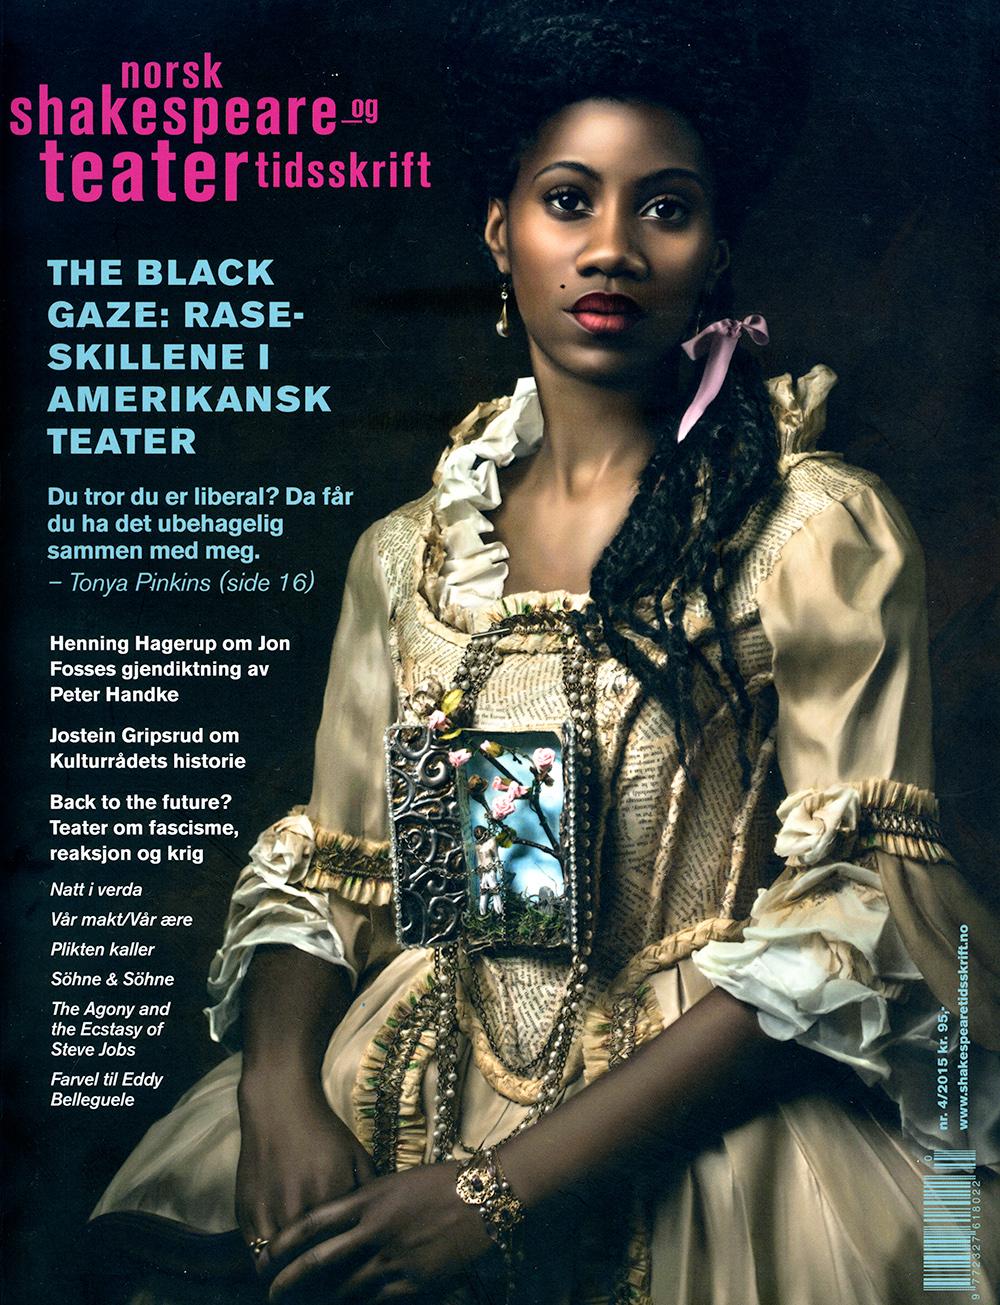 norsk Shakespear og teater tidsskrift Magazine _ Press.jpg